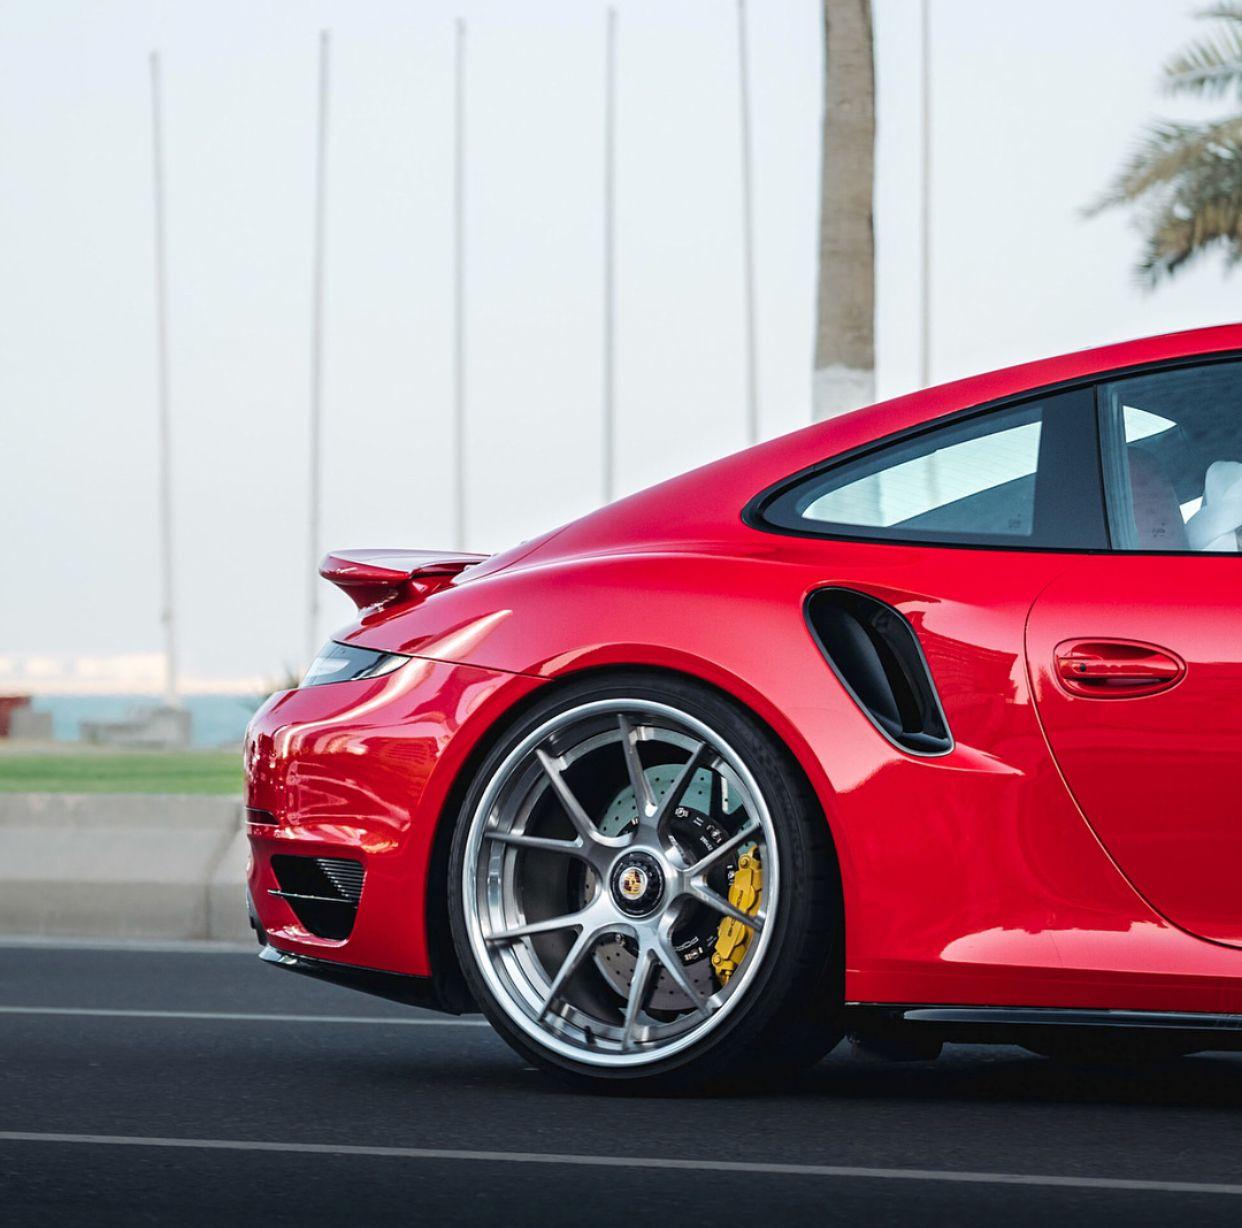 Cheap Porsche, Porsche, Porsche Cars